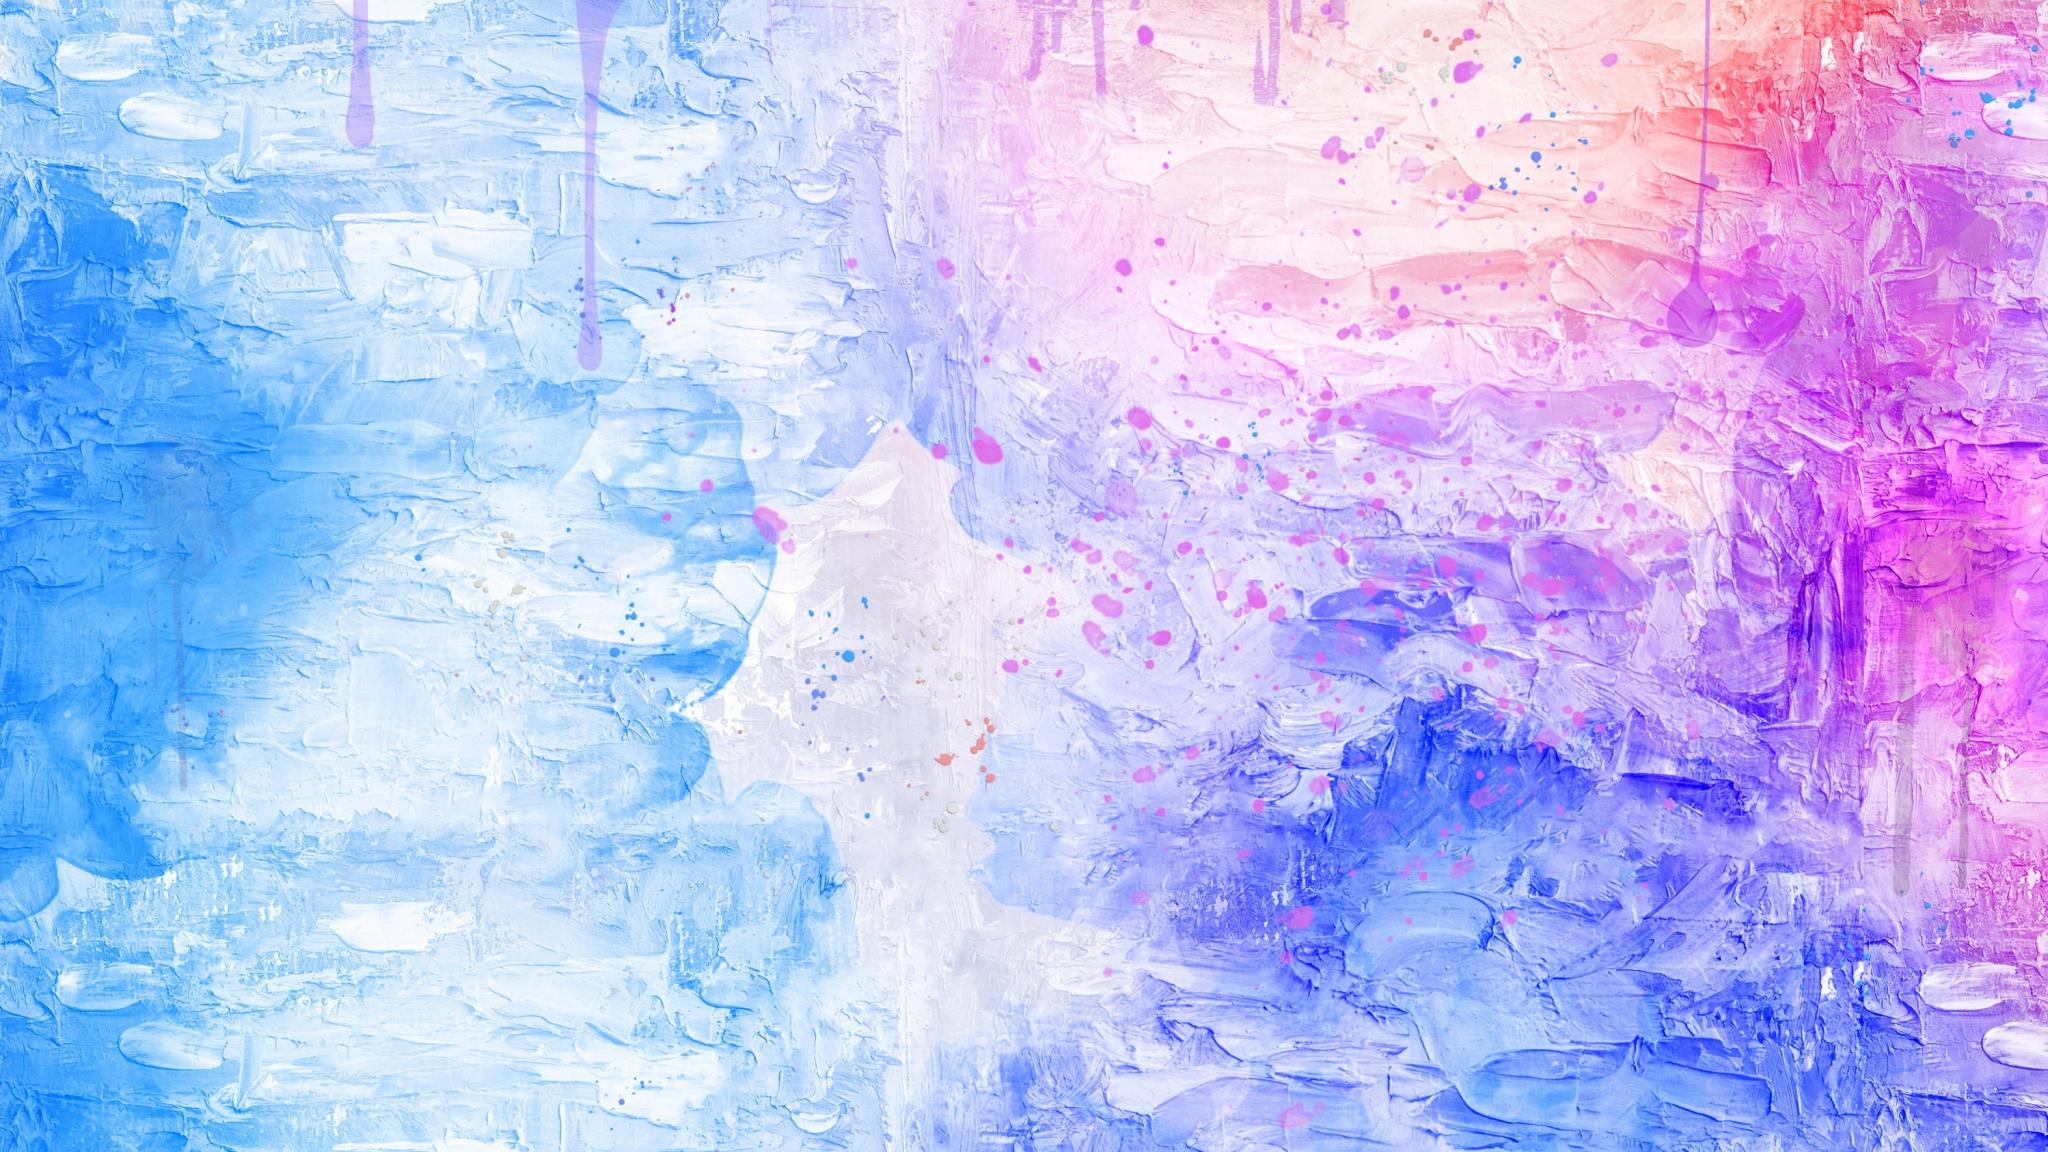 ブルーピンク ピンクの水の壁紙 48x1152 Wallpapertip